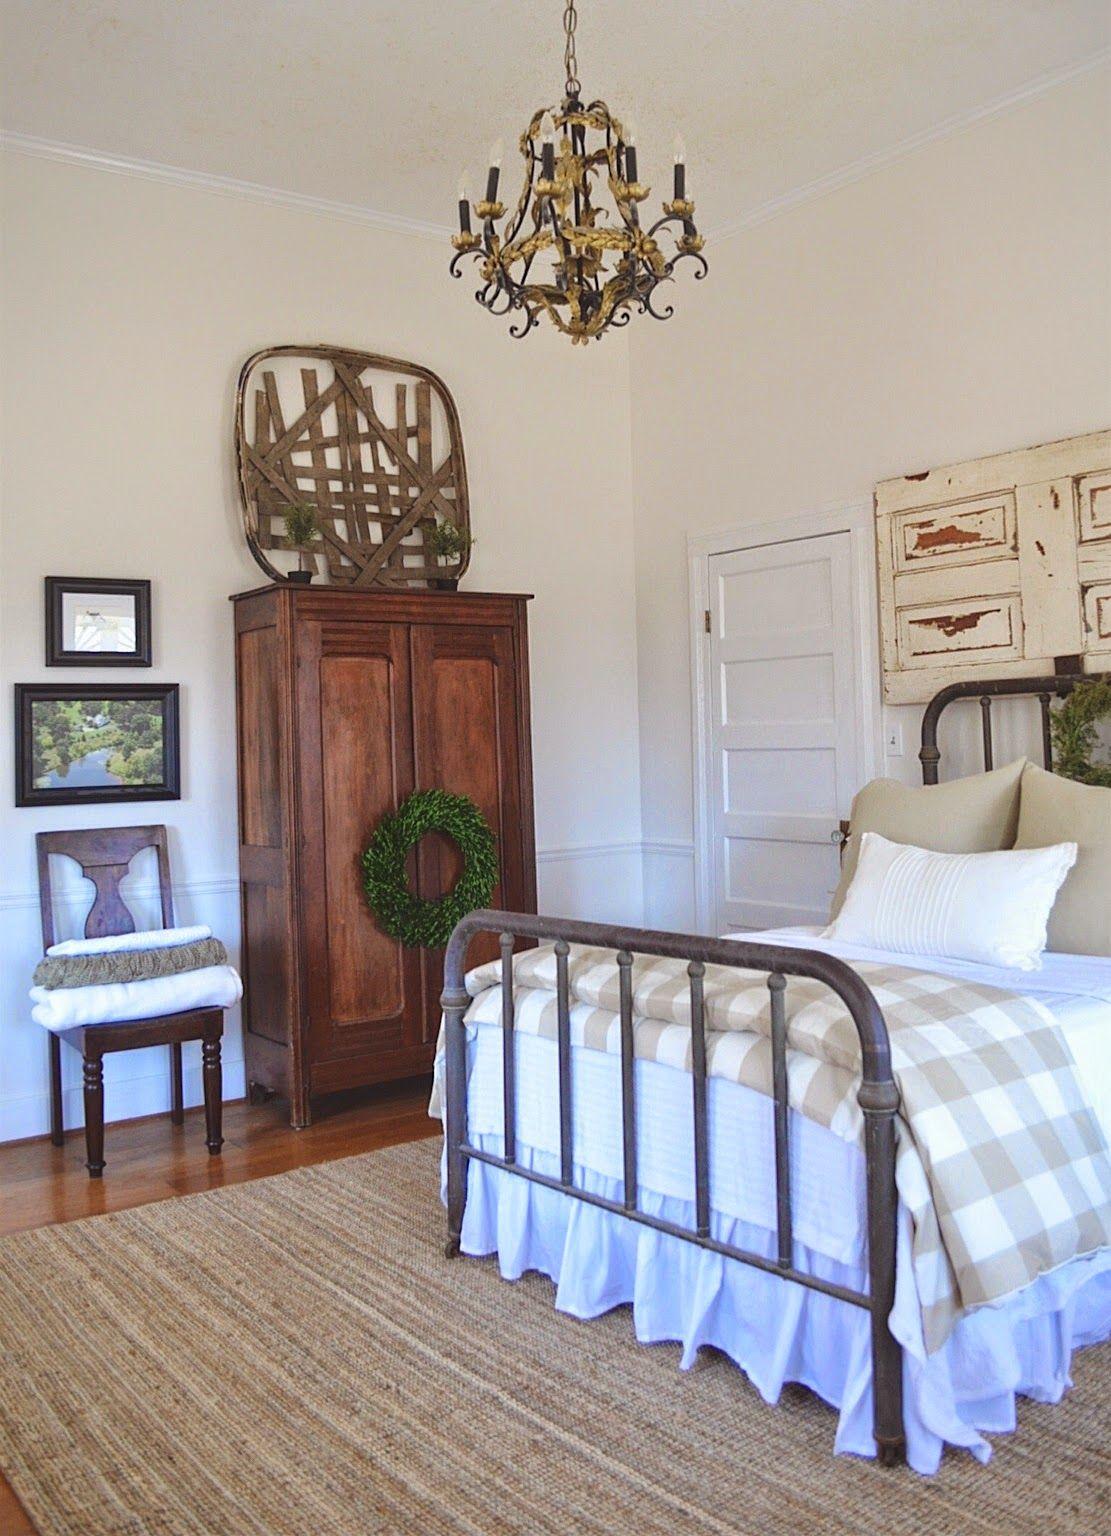 Spare Bedroom Makeover Bedroom makeover, Home bedroom